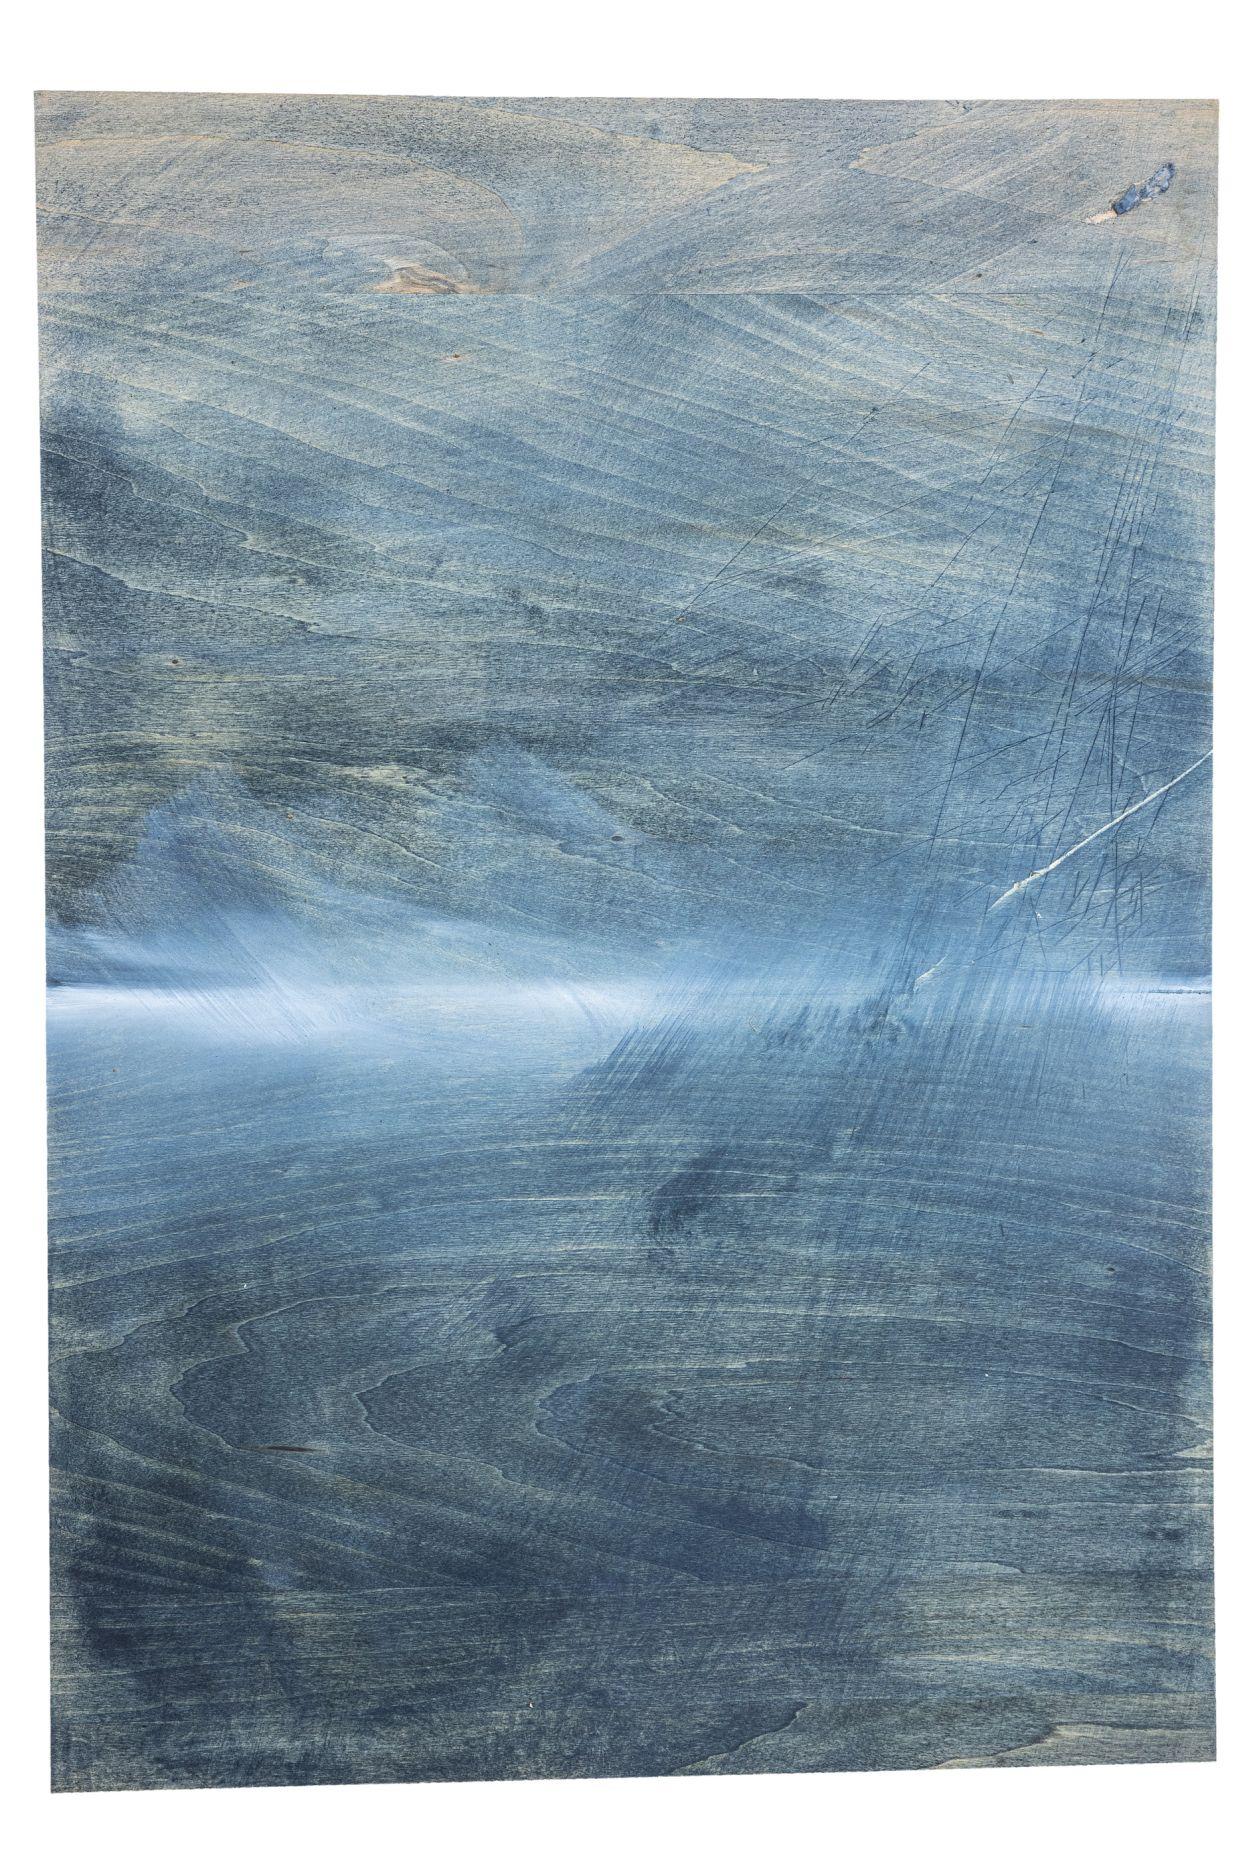 Ocean 05 Gemälde von Doelker-Heim 2020